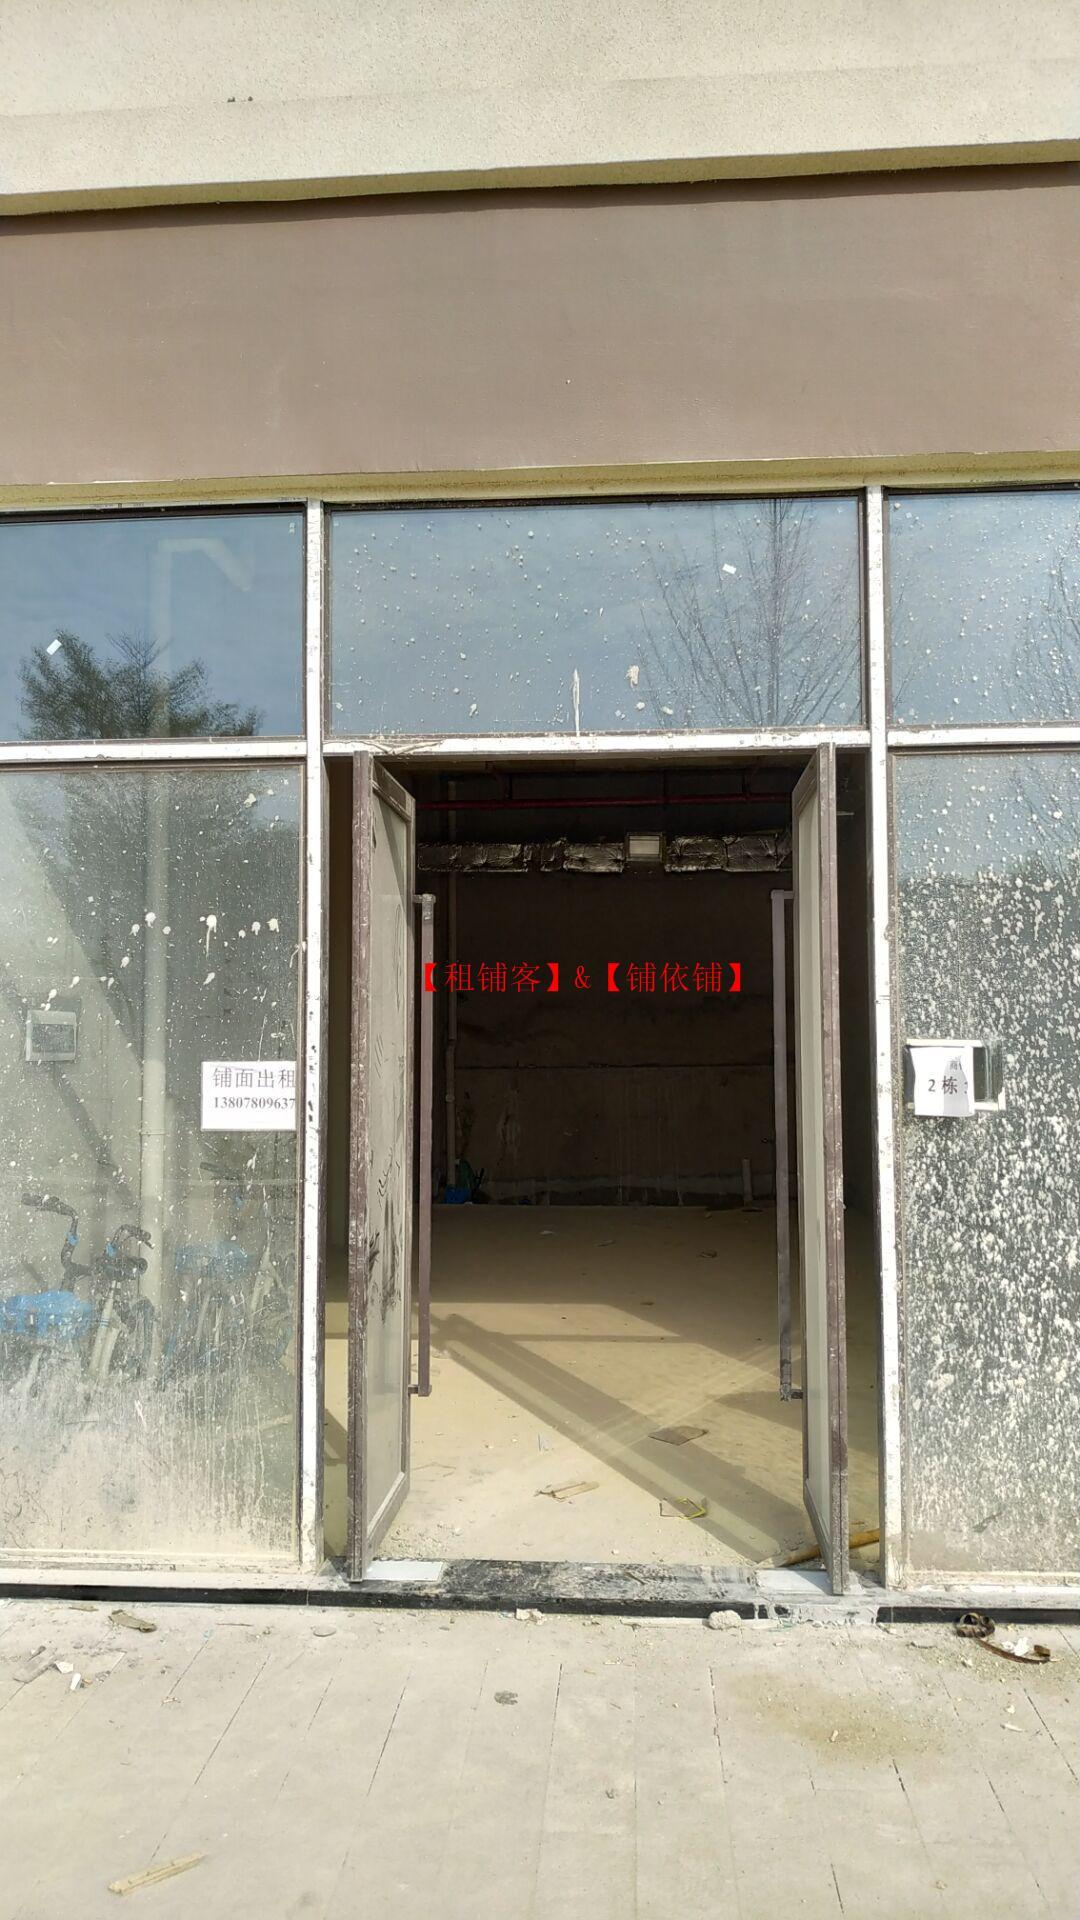 罗文大道商圈,3425户,人流有保障,小区门中的旺铺